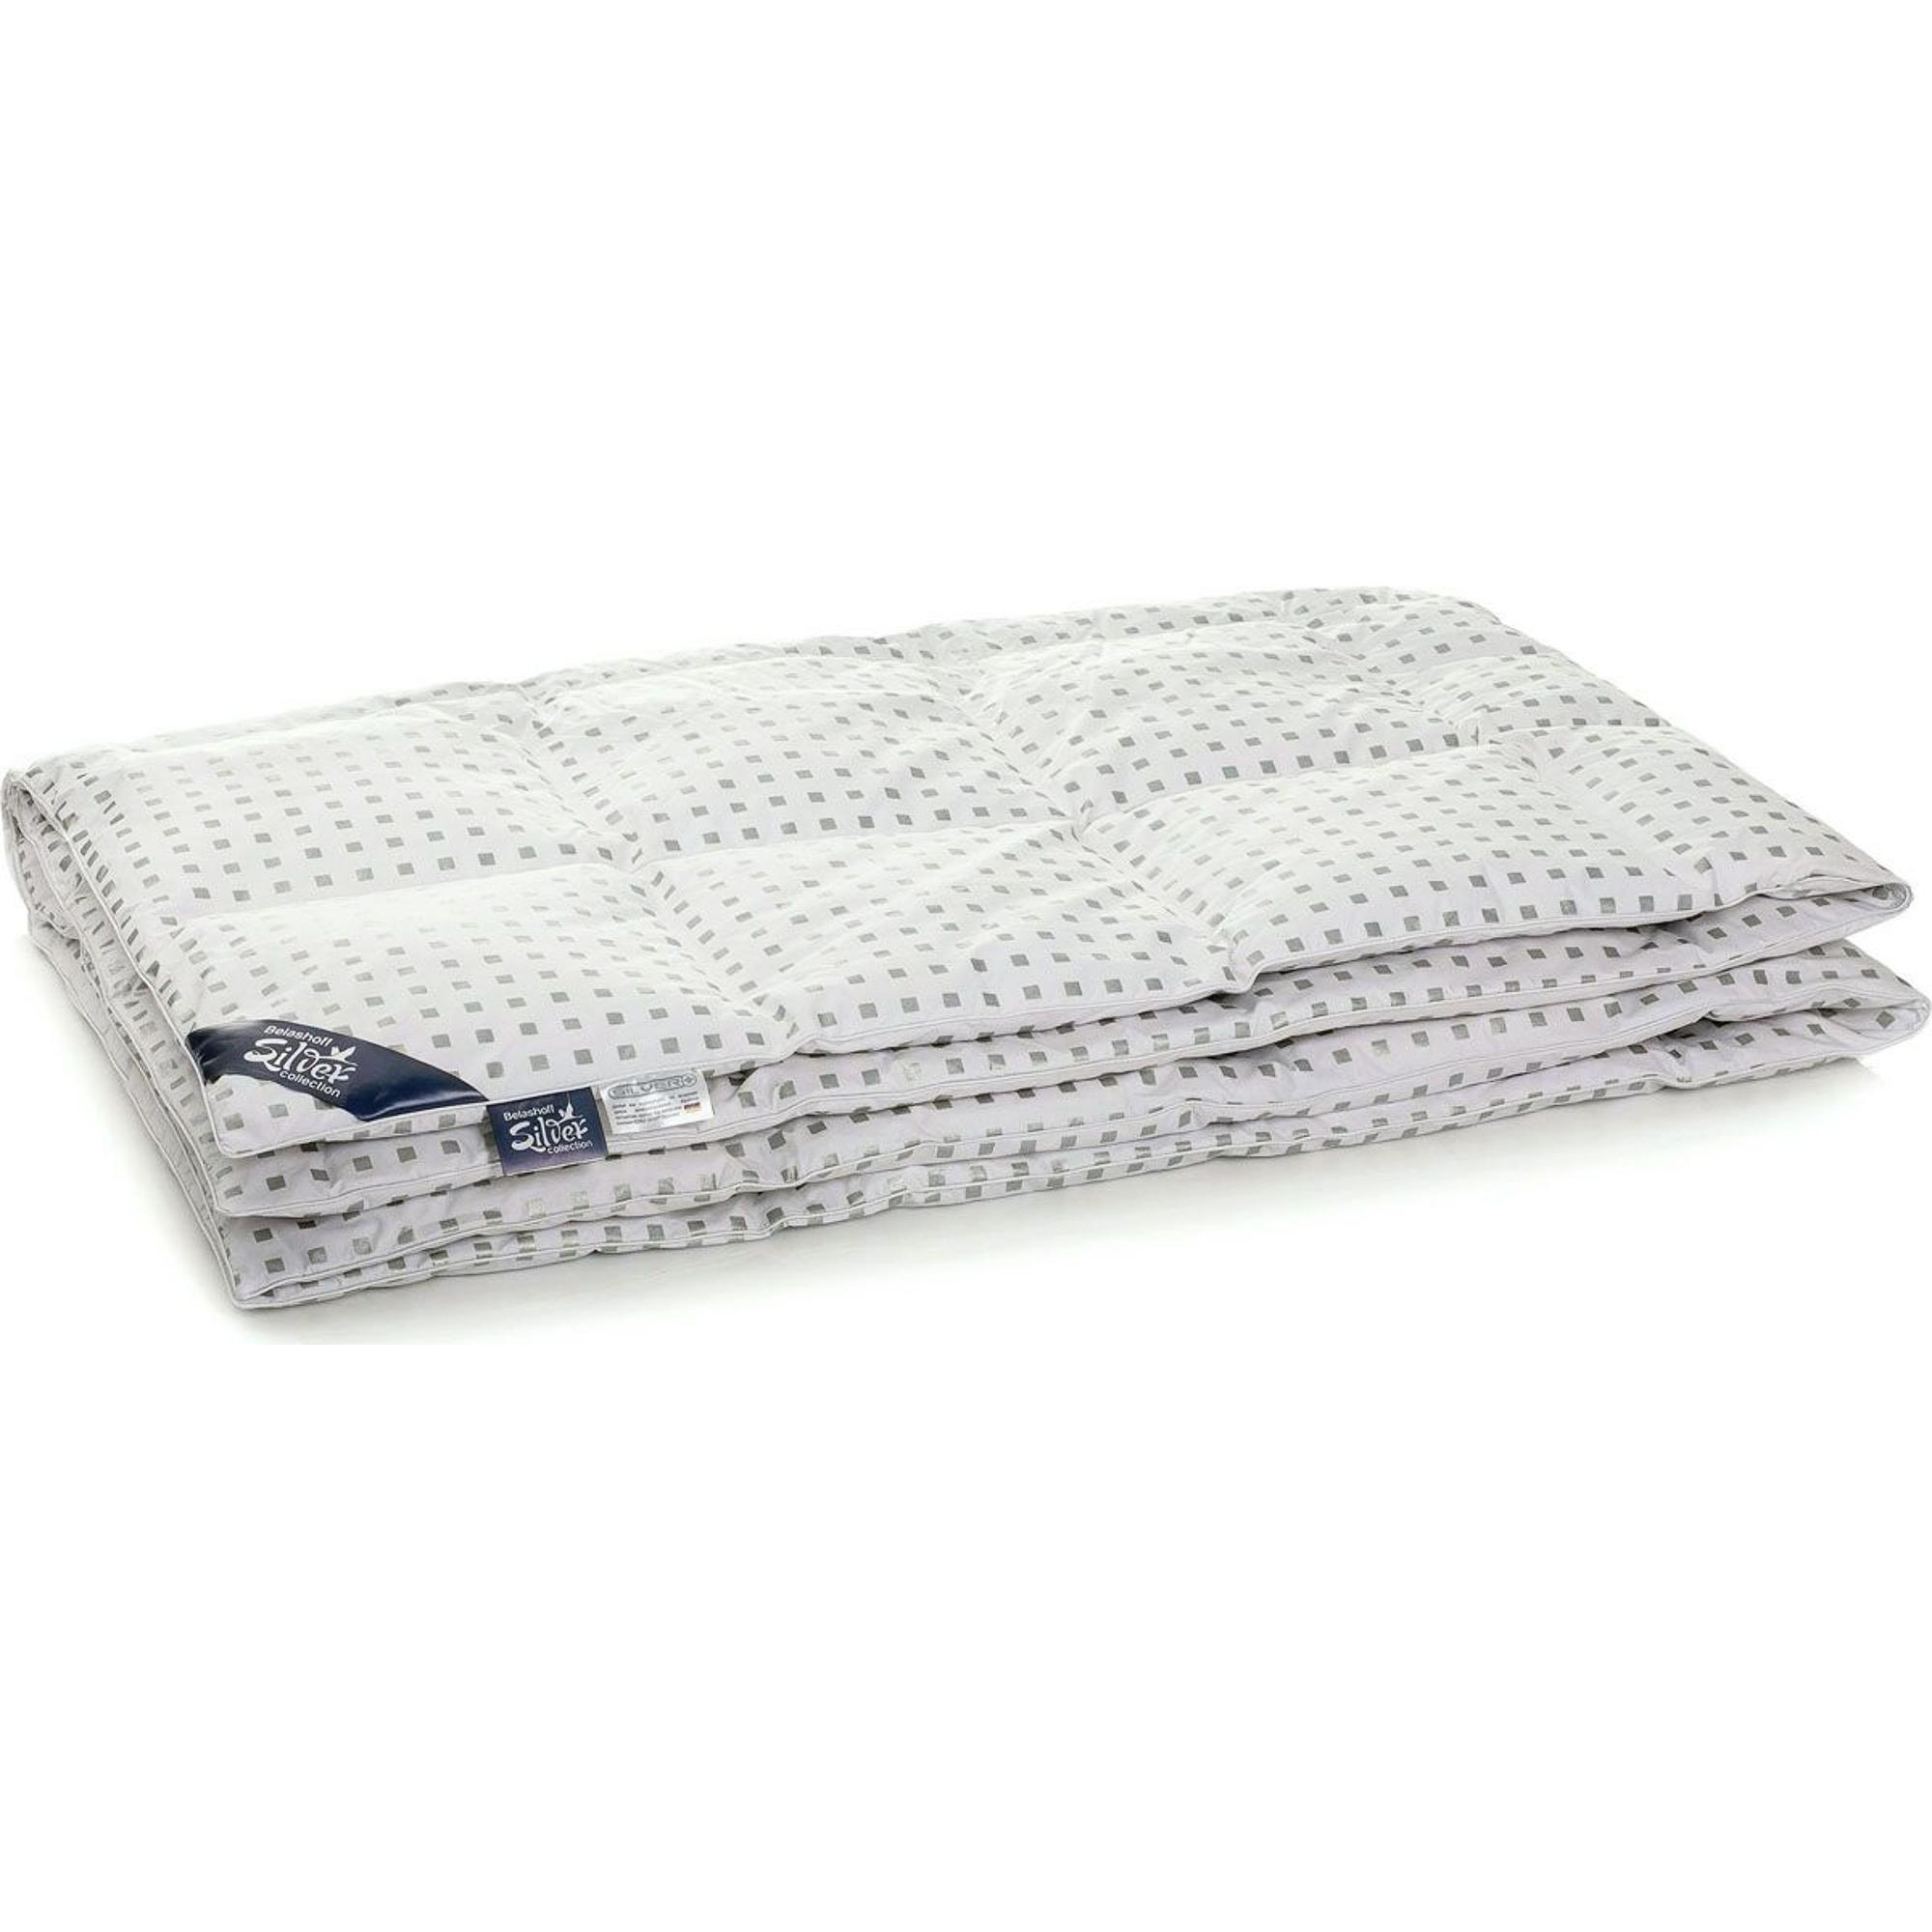 Фото - Одеяло кассетного типа 750 172x205 Belashoff silver col одеяло кассетное 960 200x220 belashoff silver col